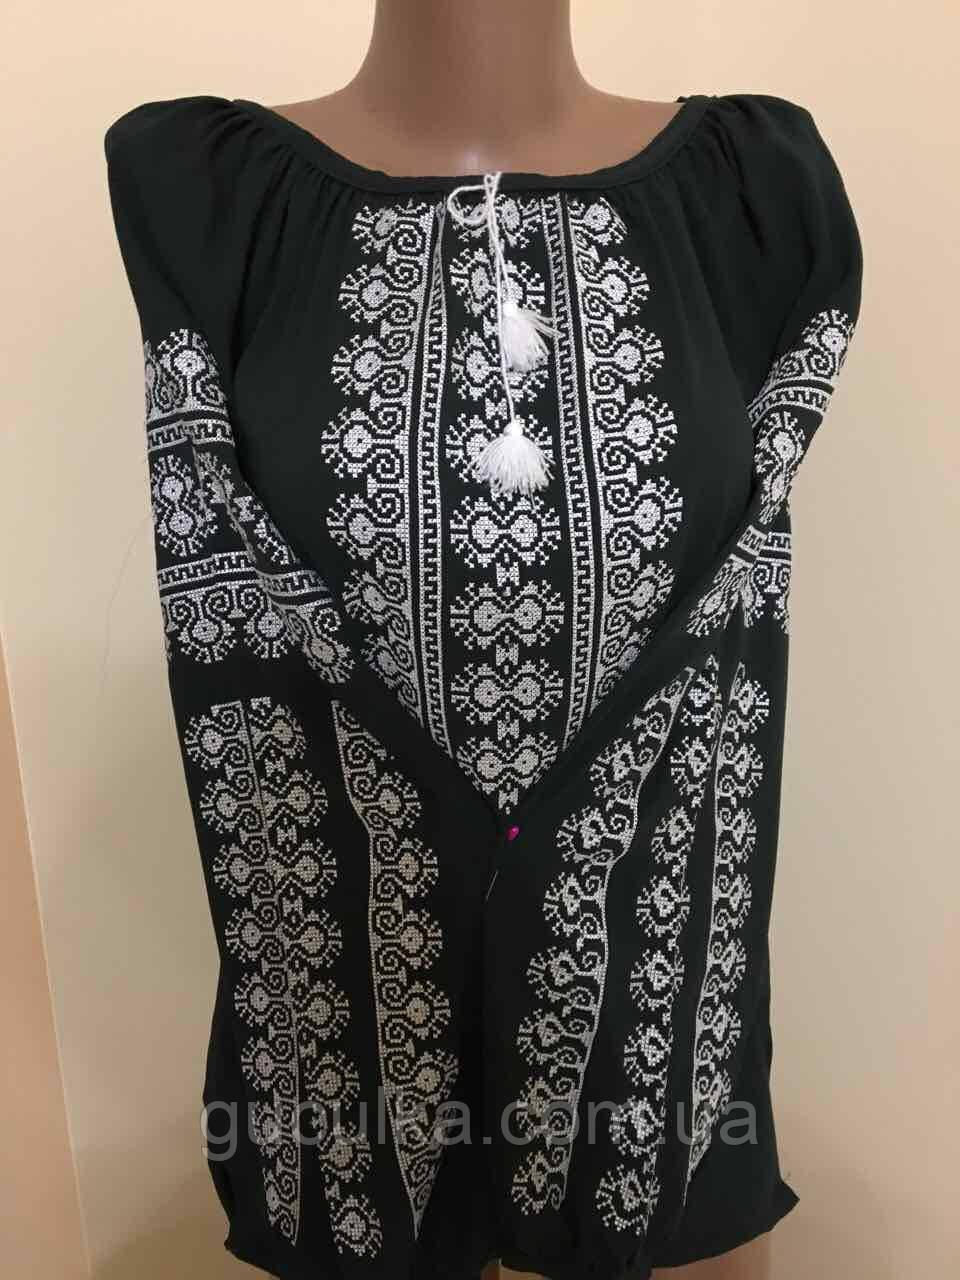 aae72d4d323 Блузка шифонова жіноча вишита крестиком - Інтернет-магазин